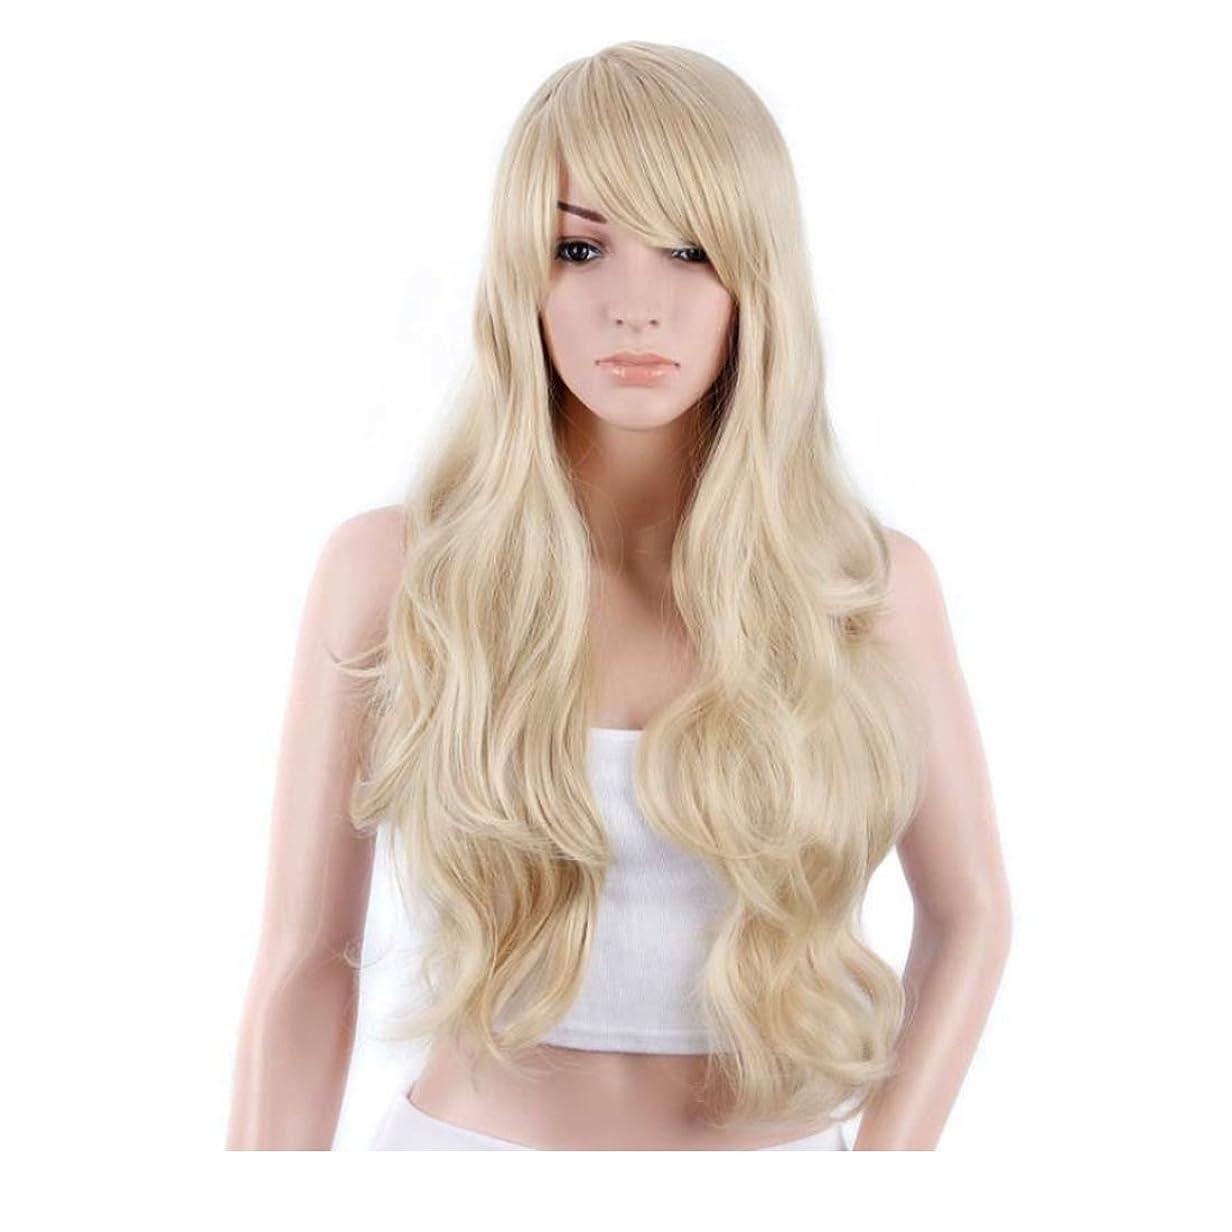 仕事に行く防水経済的JIANFU 女性のための新鮮で素敵な髪型ウィッグロングストレートヘアーパーソナリティオブリックバングウィッグパーソナリティヘアナチュラルカラー21inchの長さのためのふわふわかつら(黒、ベージュ) (Color : Beige)